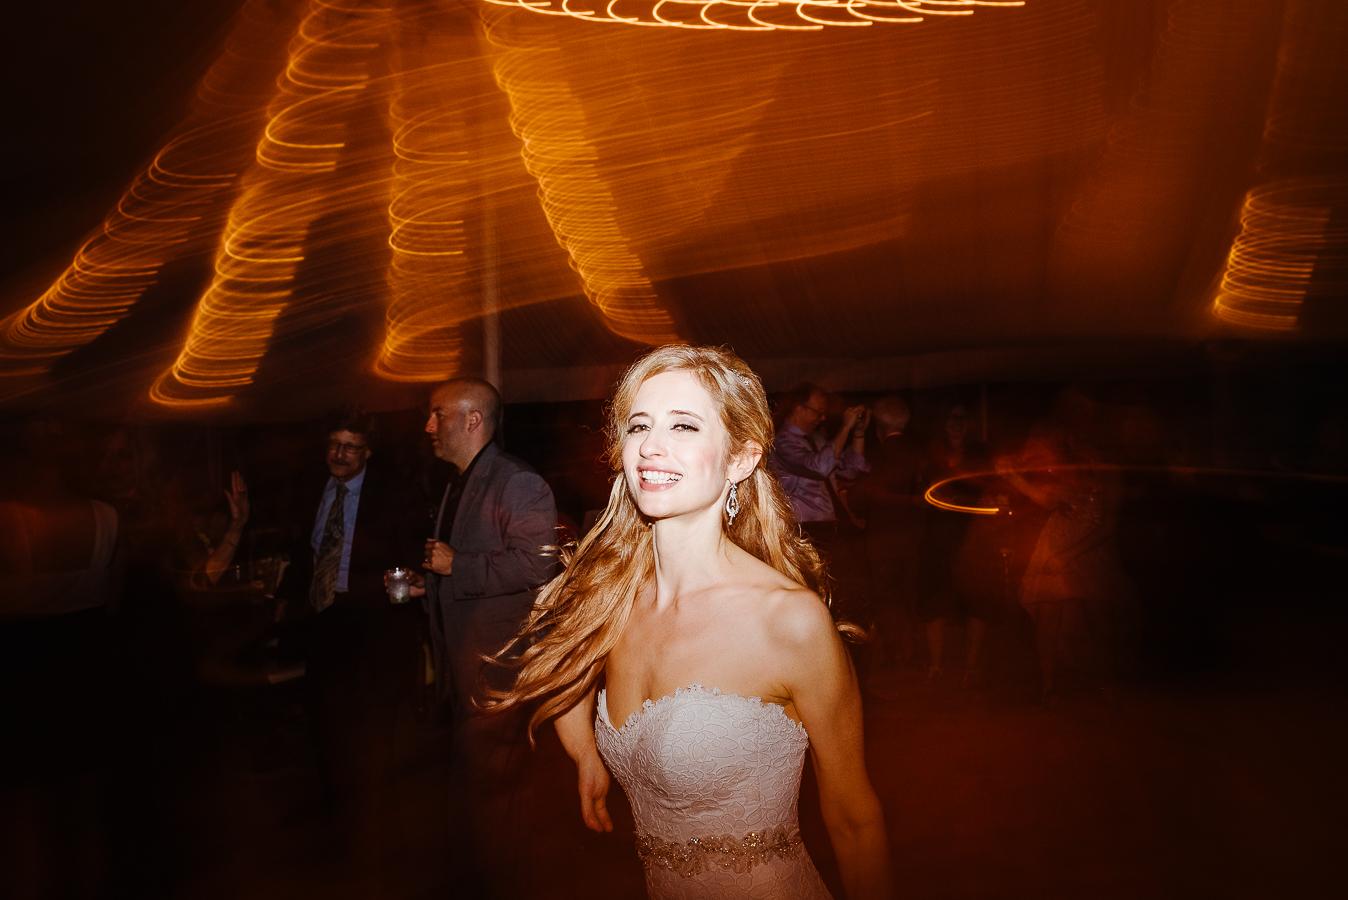 Stylish Crossed Keys Inn Wedding Crossed Keys Wedding Crossed Keys Inn Andover NJ Longbrook Photography-86.jpg